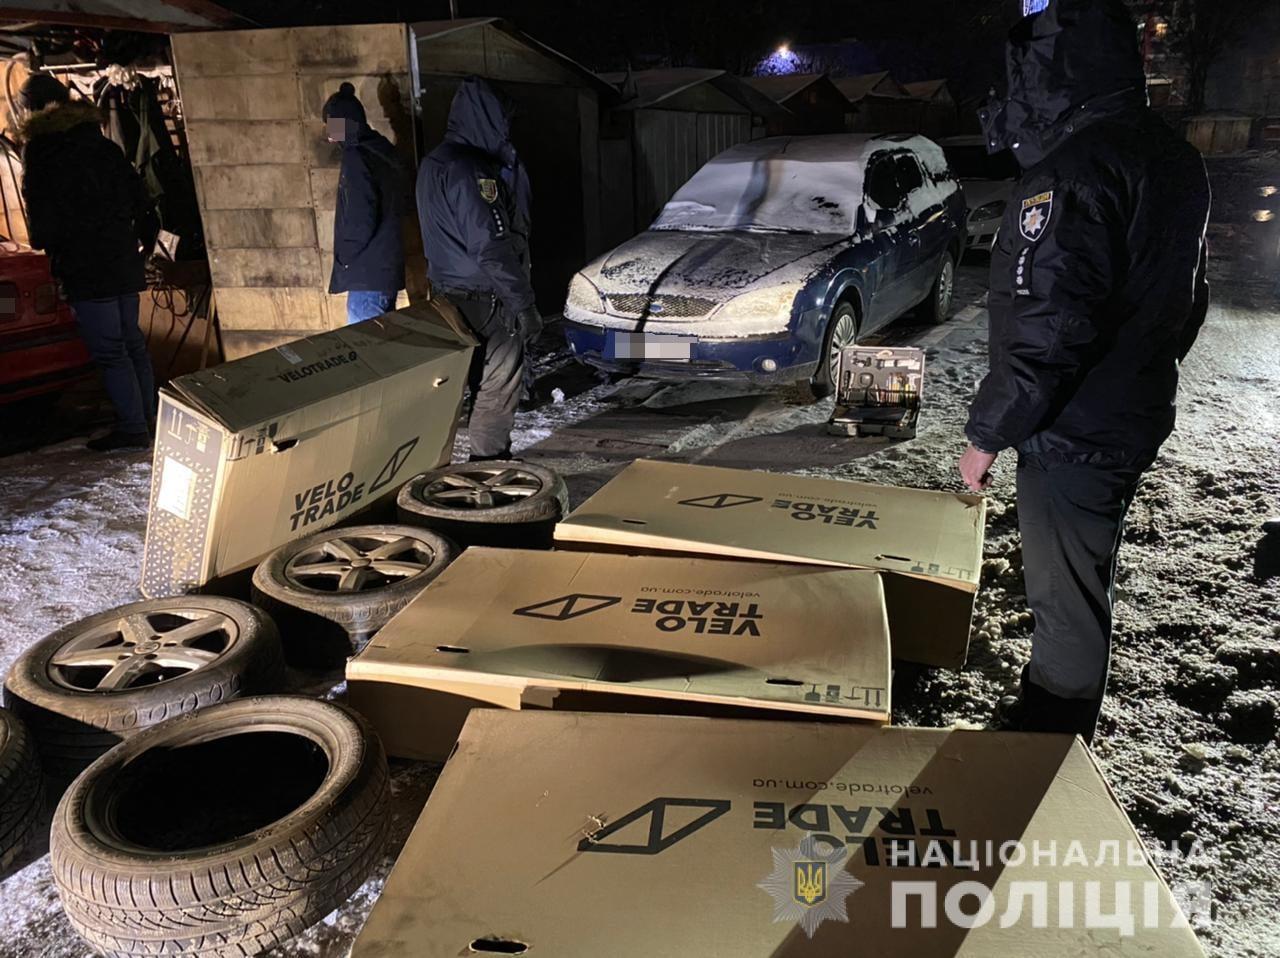 В Ужгороді злодії двома машинами викрали товар у підприємця – 16 велосипедів та колеса до автомобіля